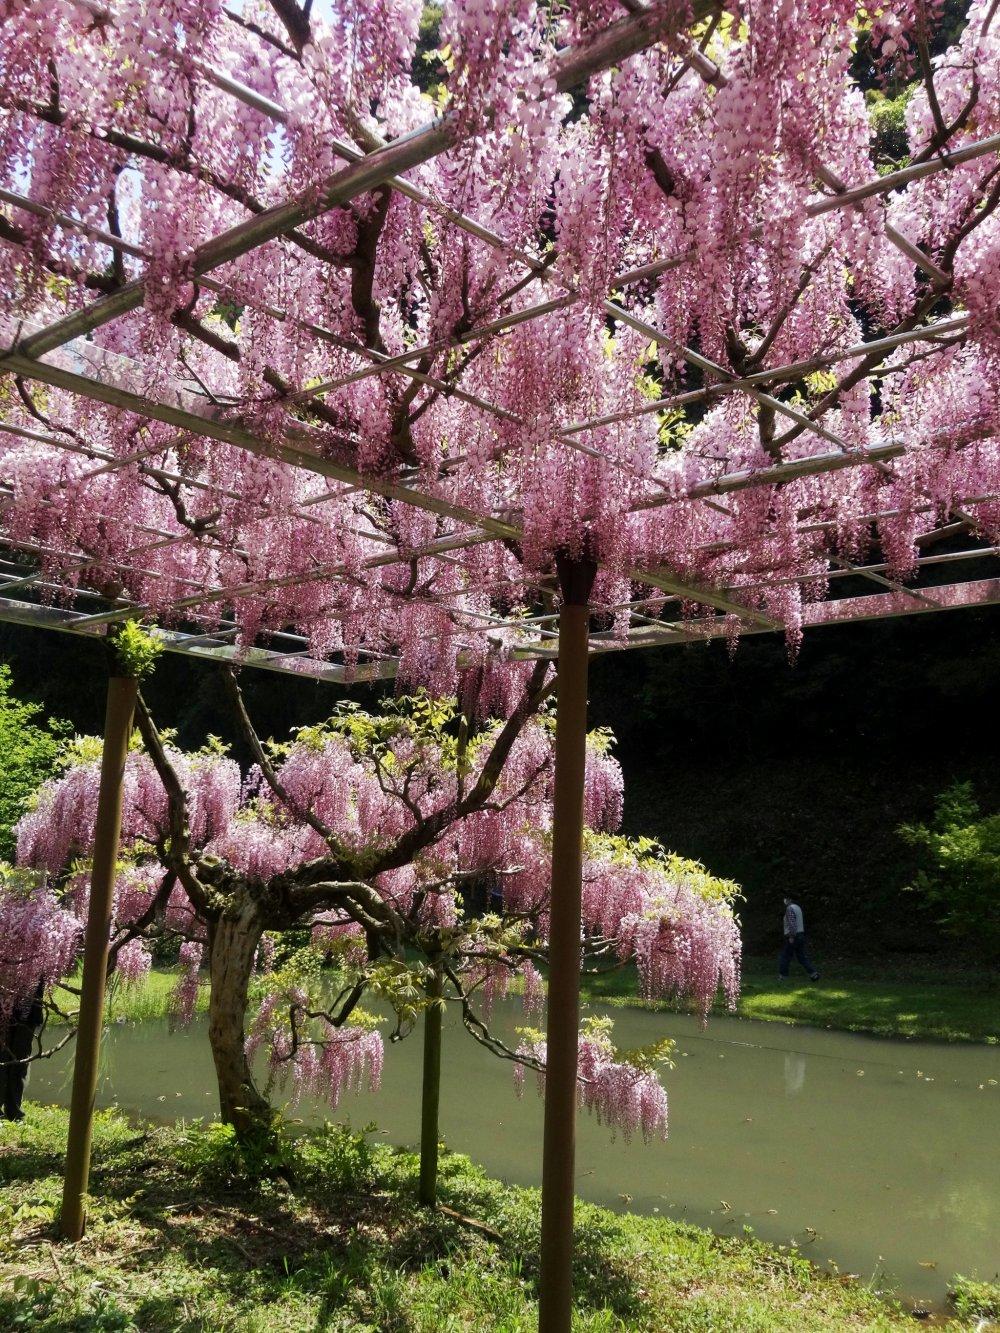 A rare pink wisteria